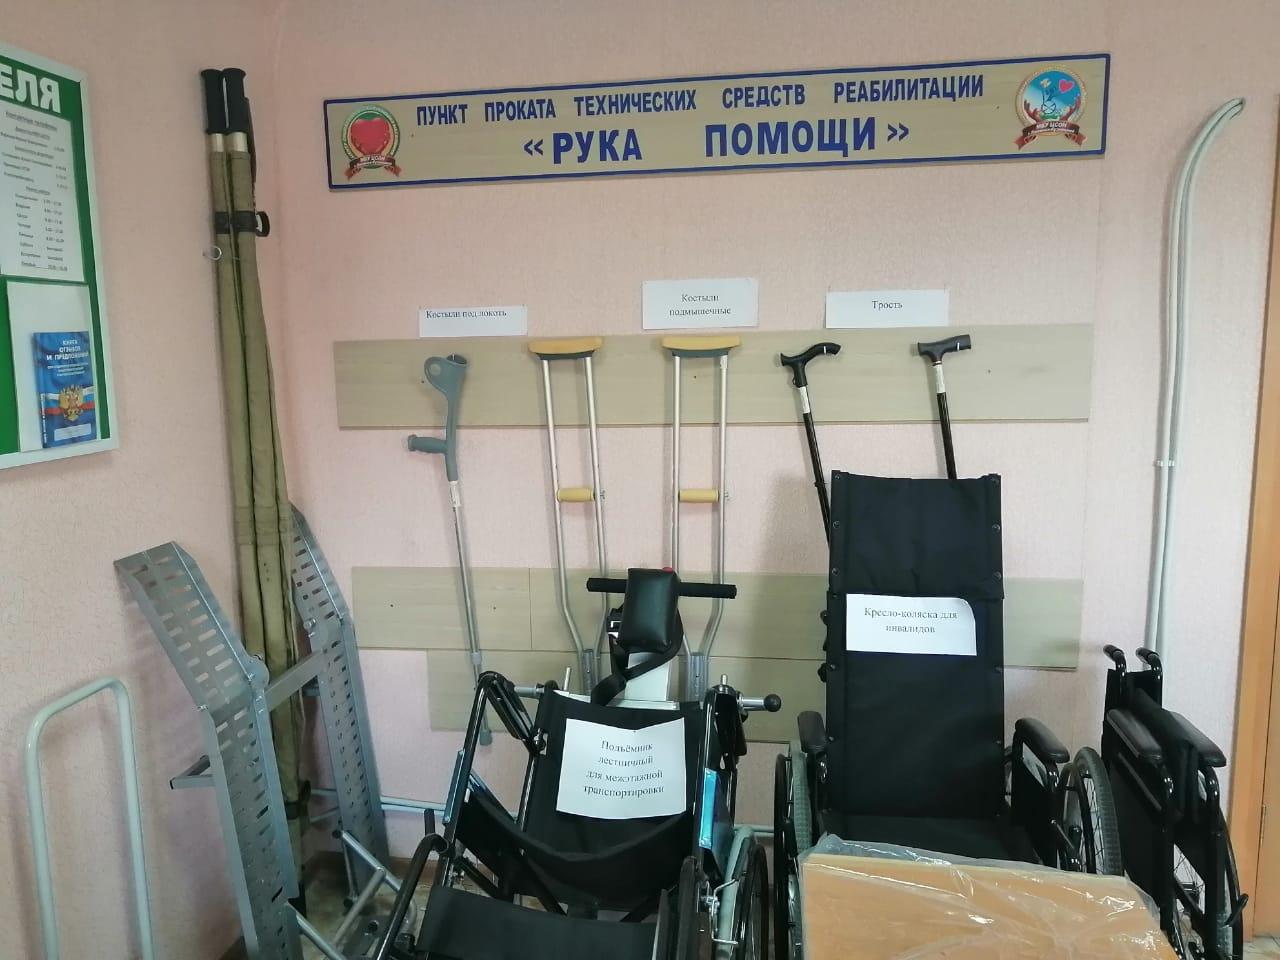 технические средства реабилитации Пункта проката